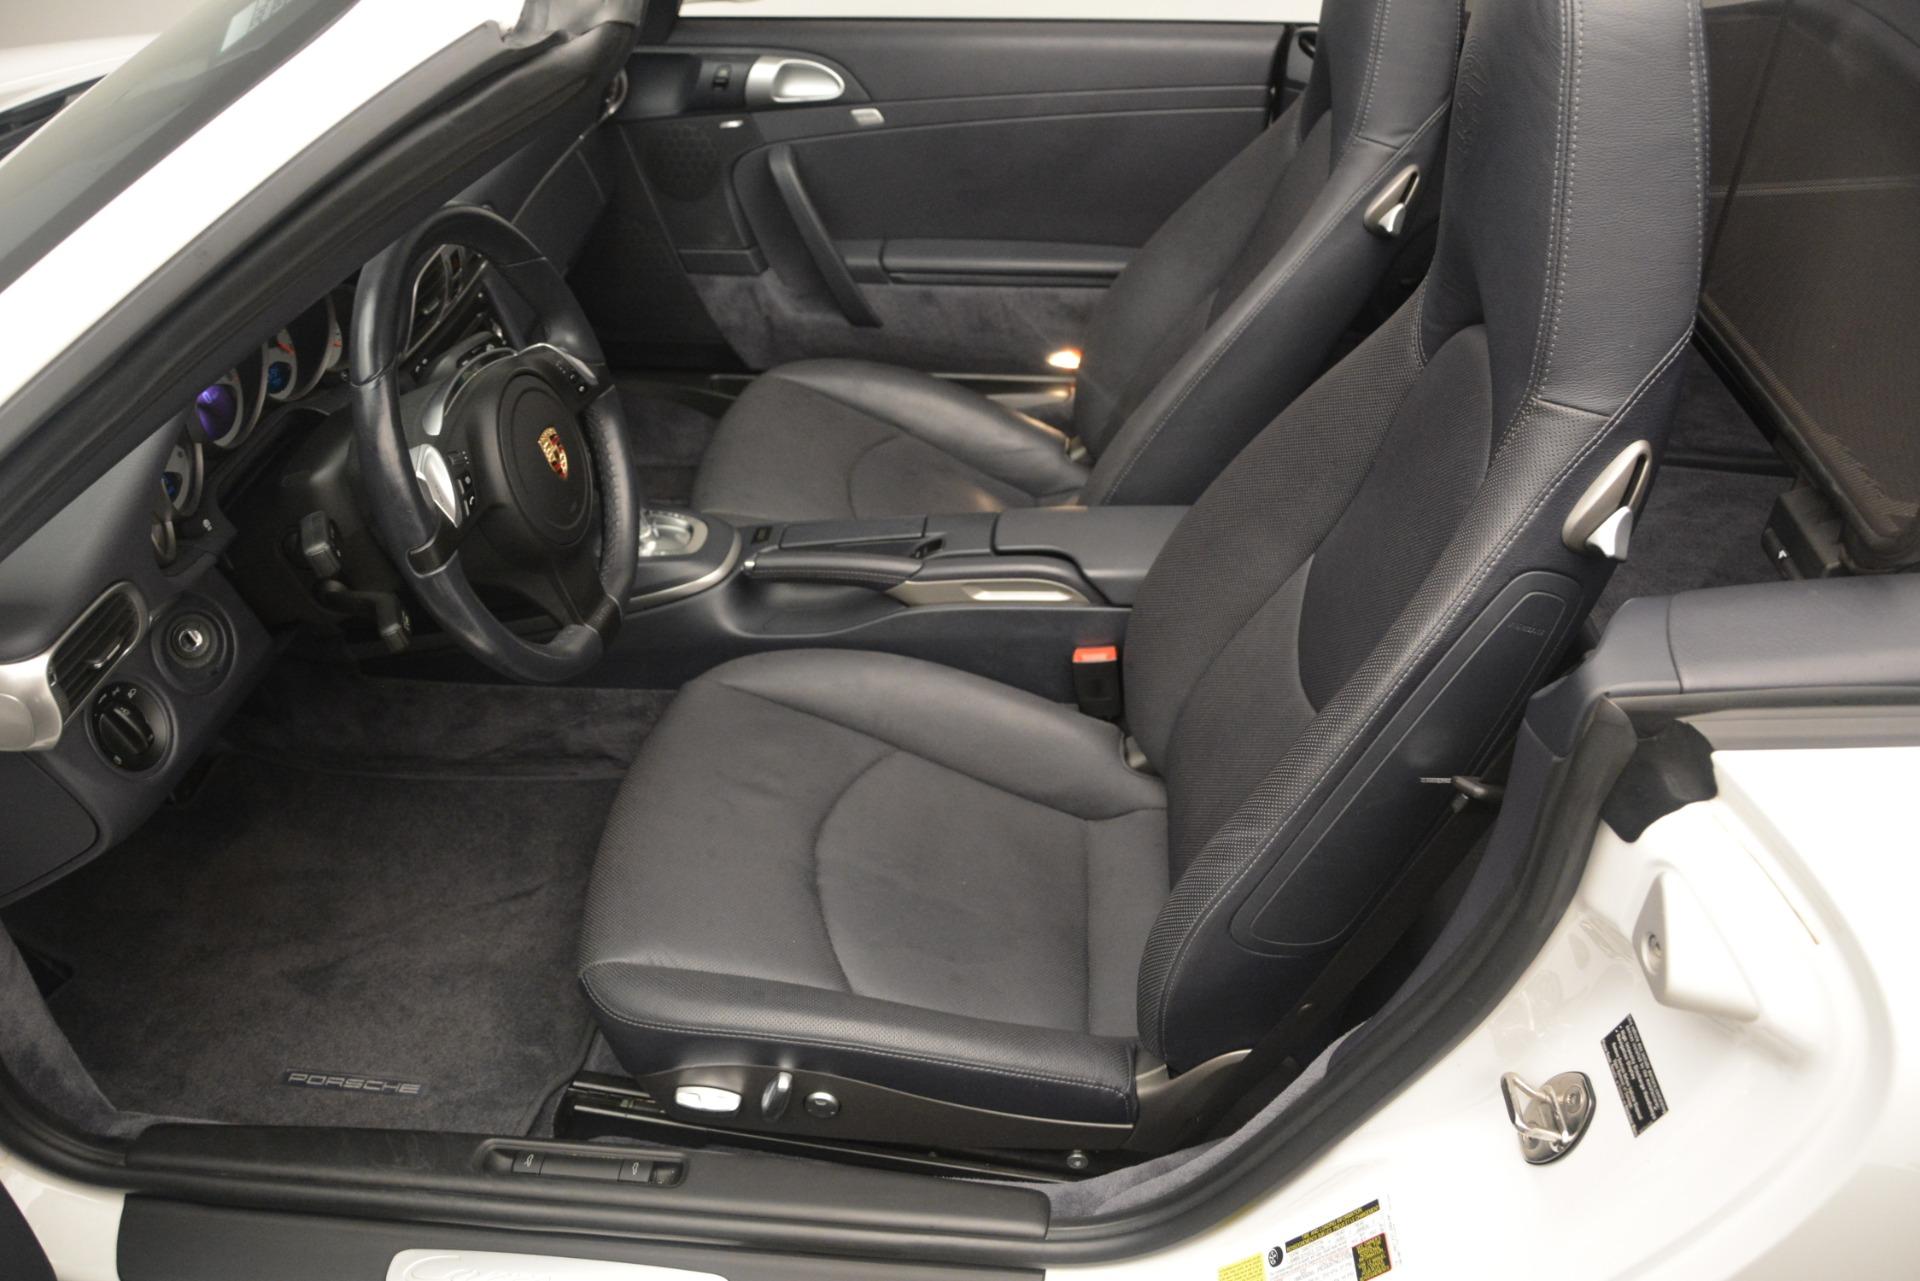 Used 2011 Porsche 911 Carrera 4S For Sale In Greenwich, CT 2600_p18